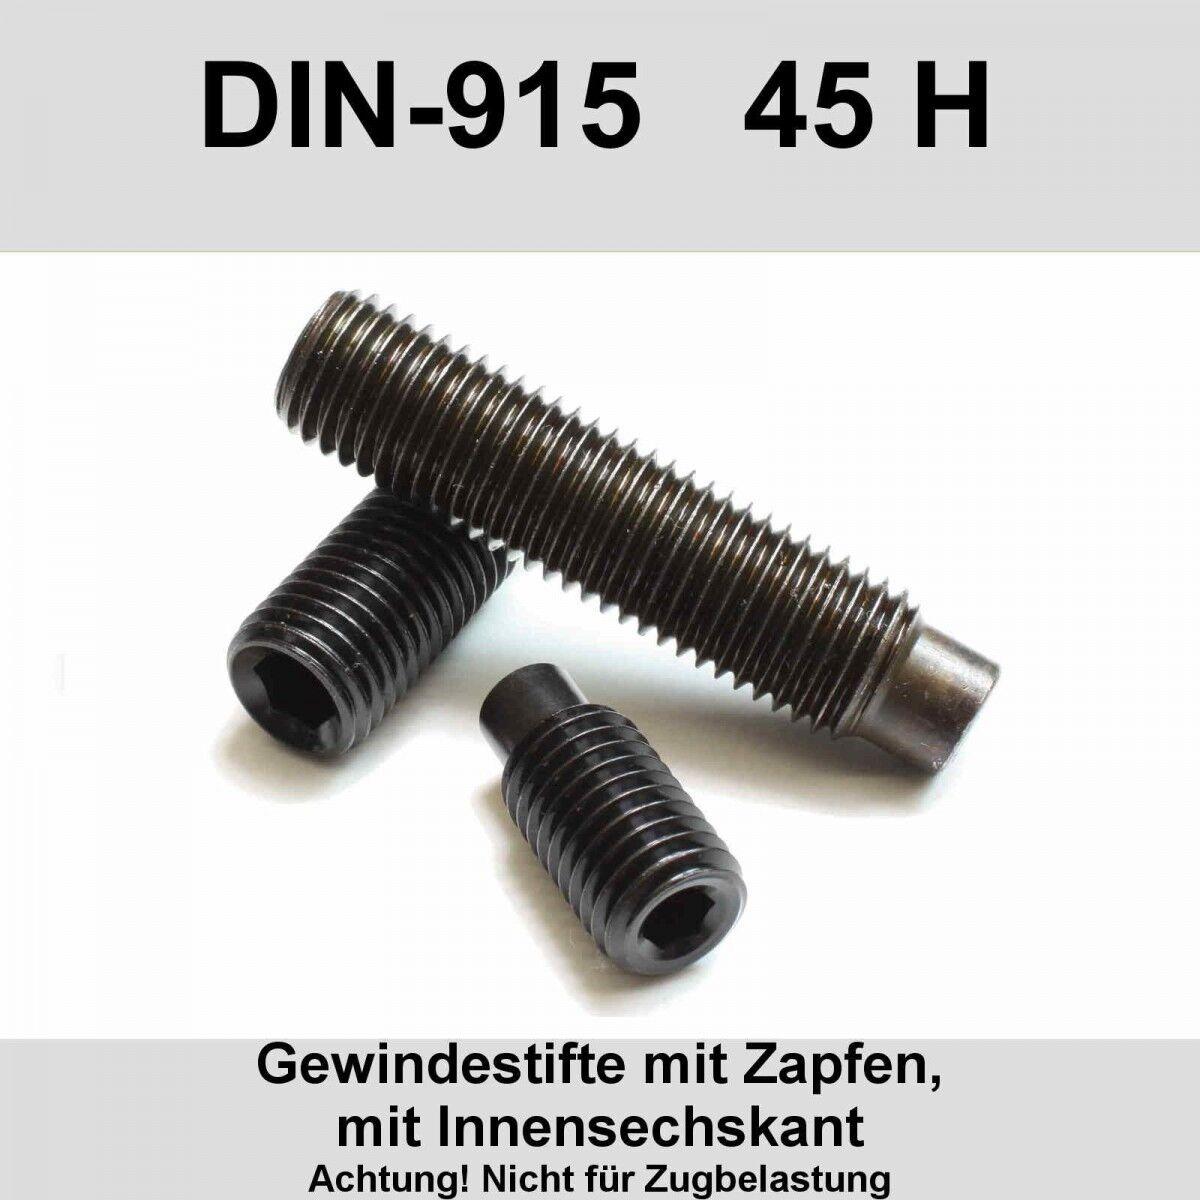 M8 DIN915 45H Gewindestifte Zapfen Innensechskant Madenschrauben Stahl blank M8x   | Schönes Design